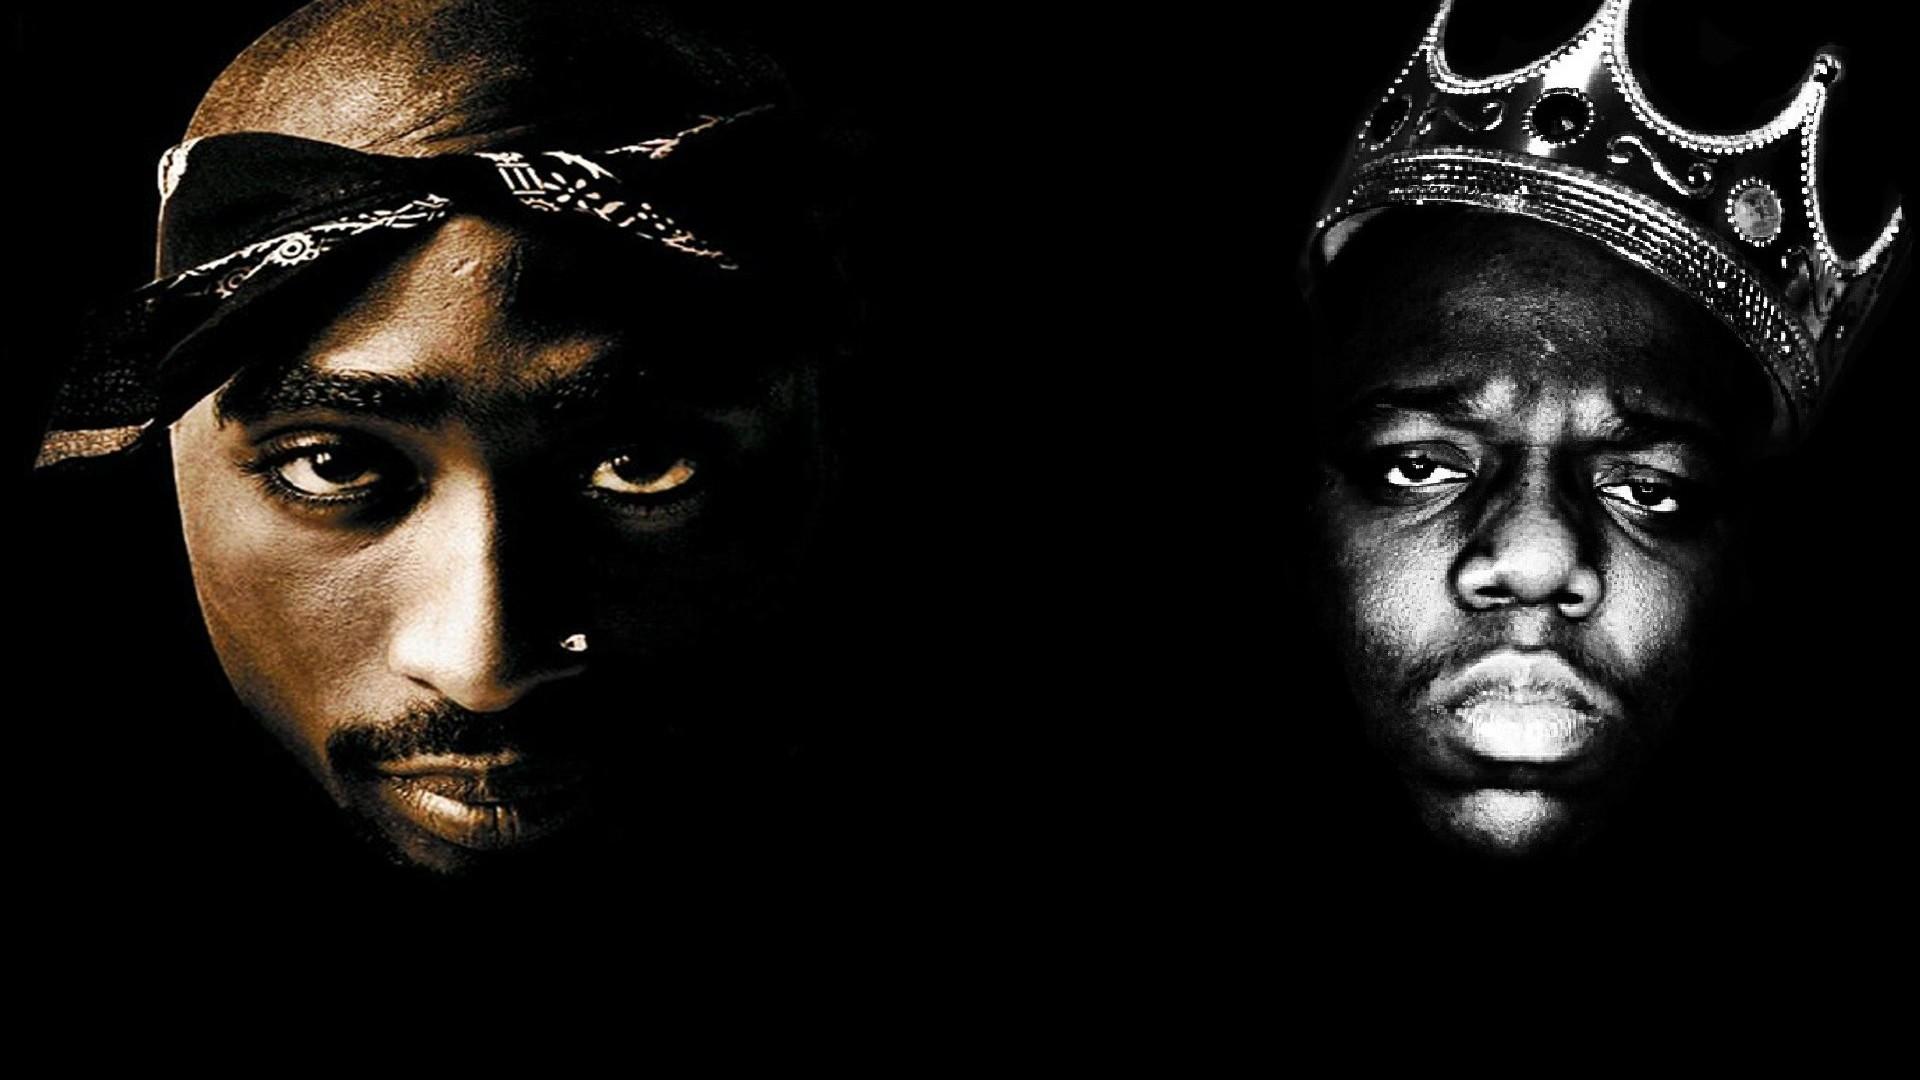 TUPAC BIGGIE SMALLS gangsta rapper rap hip hop f wallpaper   .